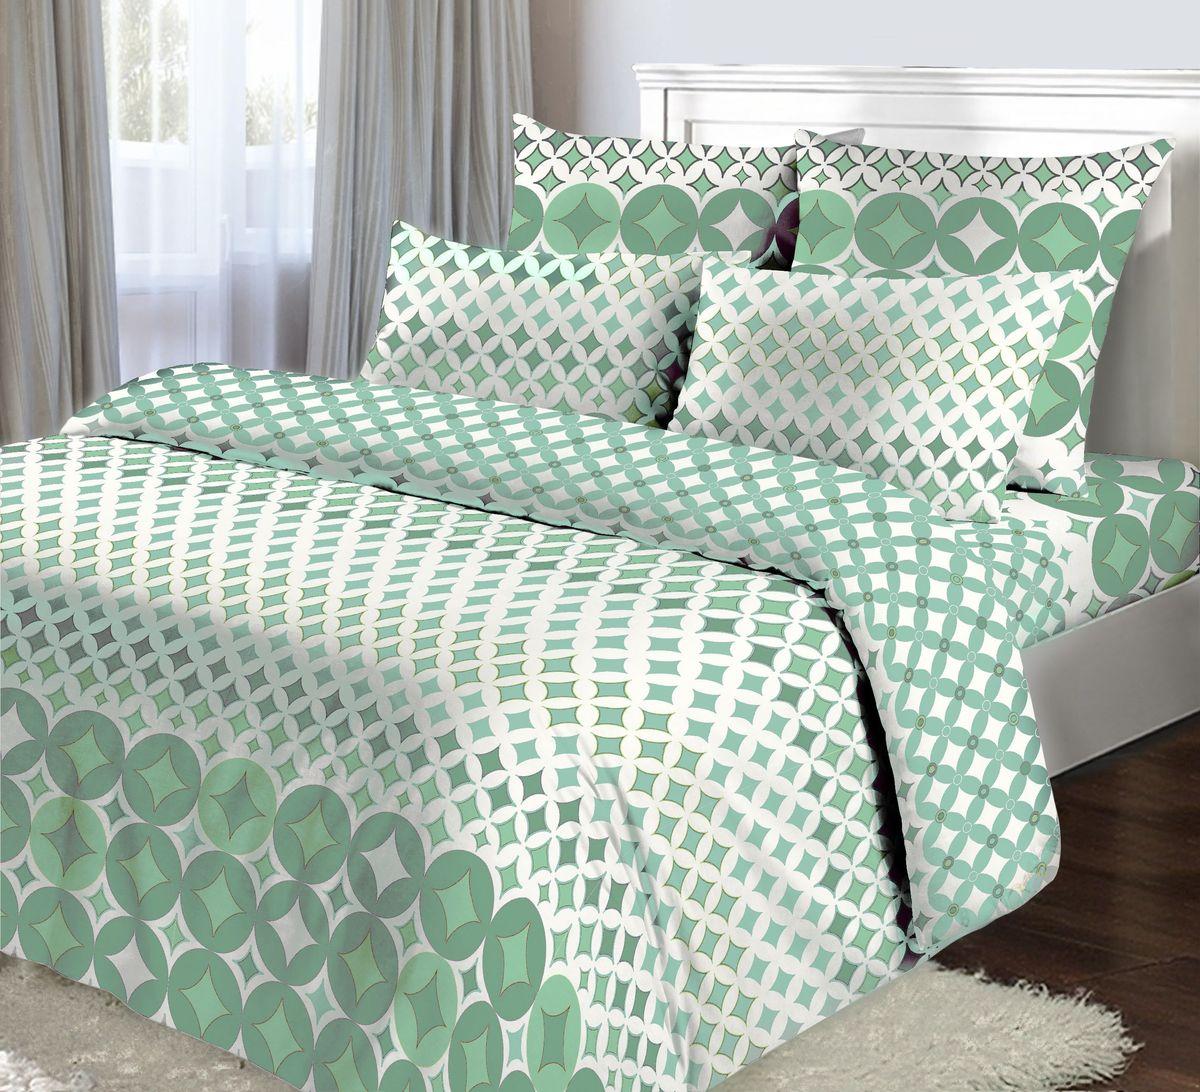 Комплект белья Коллекция Мята, 2-спальный, наволочки 50x70 смБКГ2 /50/ОЗ/мятаКомплект постельного белья Коллекция Мята выполнен из бязи (100% натурального хлопка). Комплект состоит из пододеяльника, простыни и двух наволочек. Постельное белье оформлено ярким красочным рисунком.Хорошая, качественная бязь всегда ценилась любителями спокойного и комфортного сна. Гладкая структура делает ткань приятной на ощупь, мягкой и нежной, при этом она прочная и хорошо сохраняет форму. Благодаря такому комплекту постельного белья вы сможете создать атмосферу роскоши и романтики в вашей спальне.